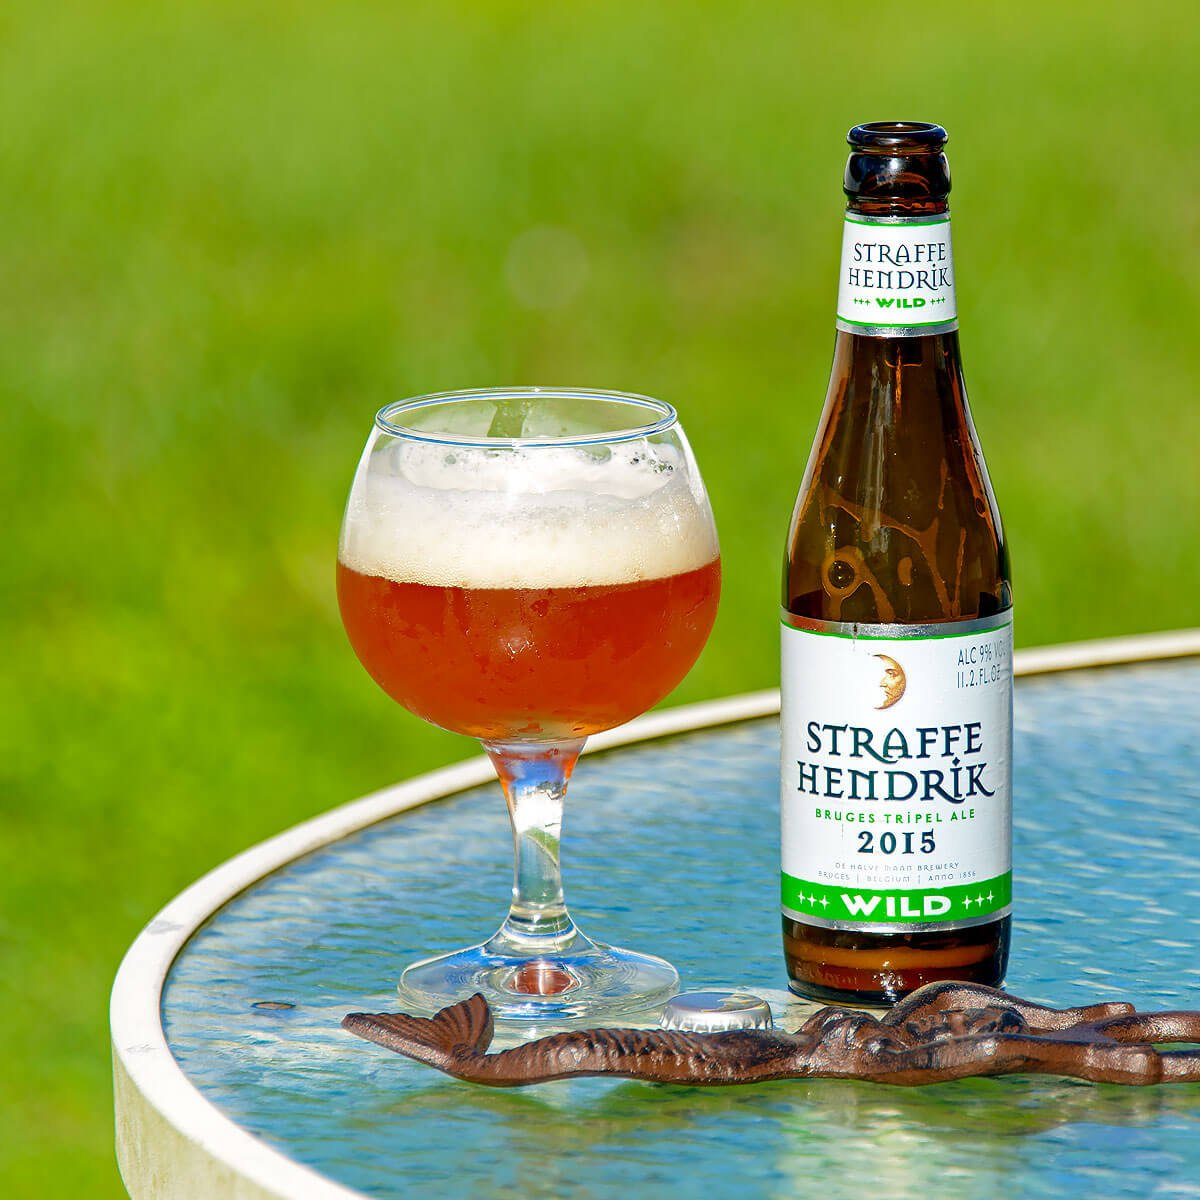 Straffe Hendrik Wild, a Belgian Tripel by Brouwerij De Halve Maan